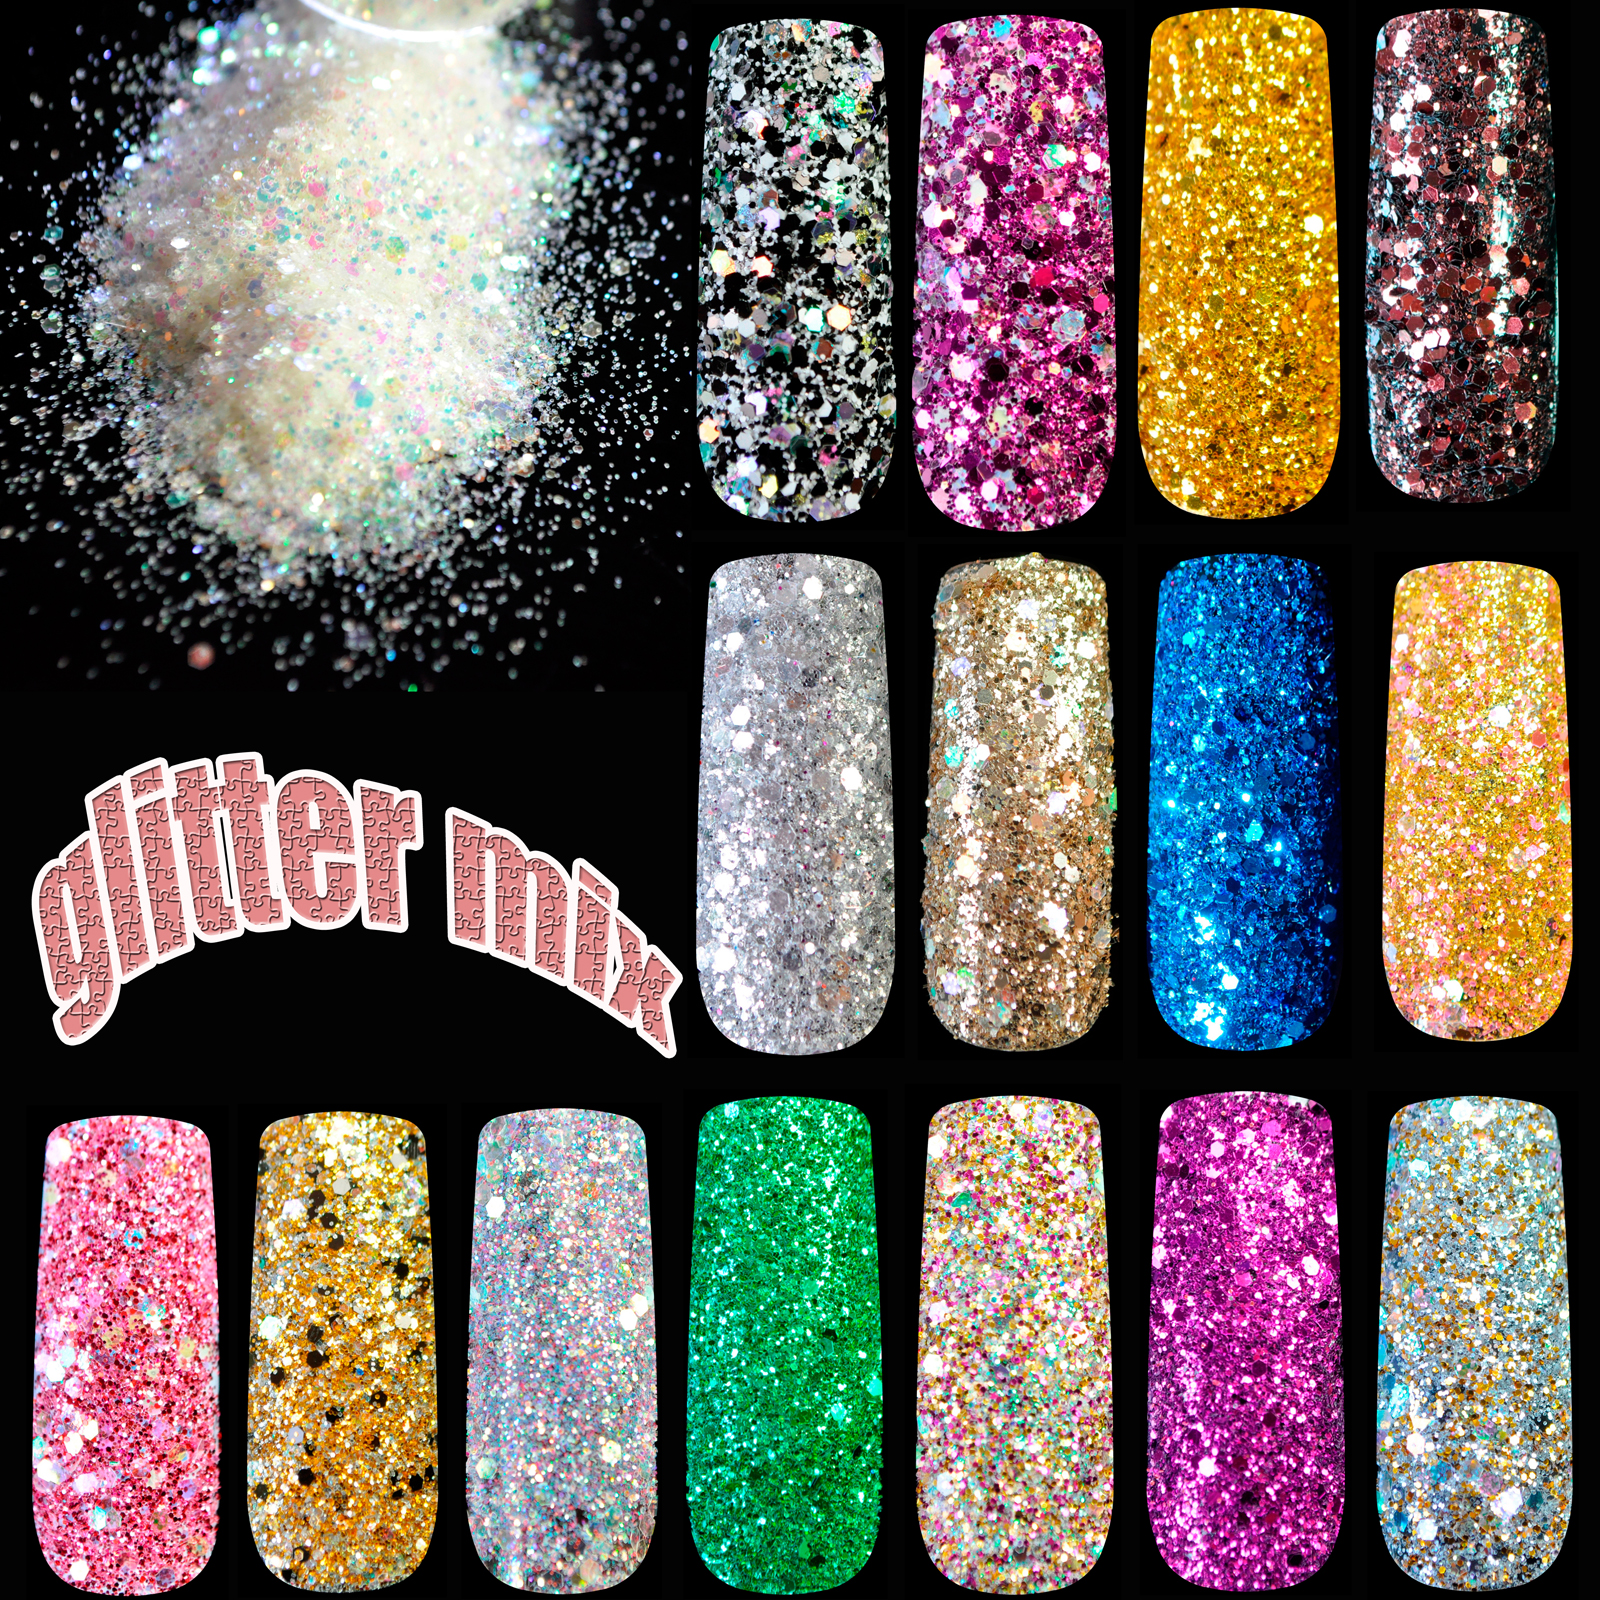 Blanda Nail Art Glitter Pulver Färgsekvenser Makeup Nail Super - Nagel konst